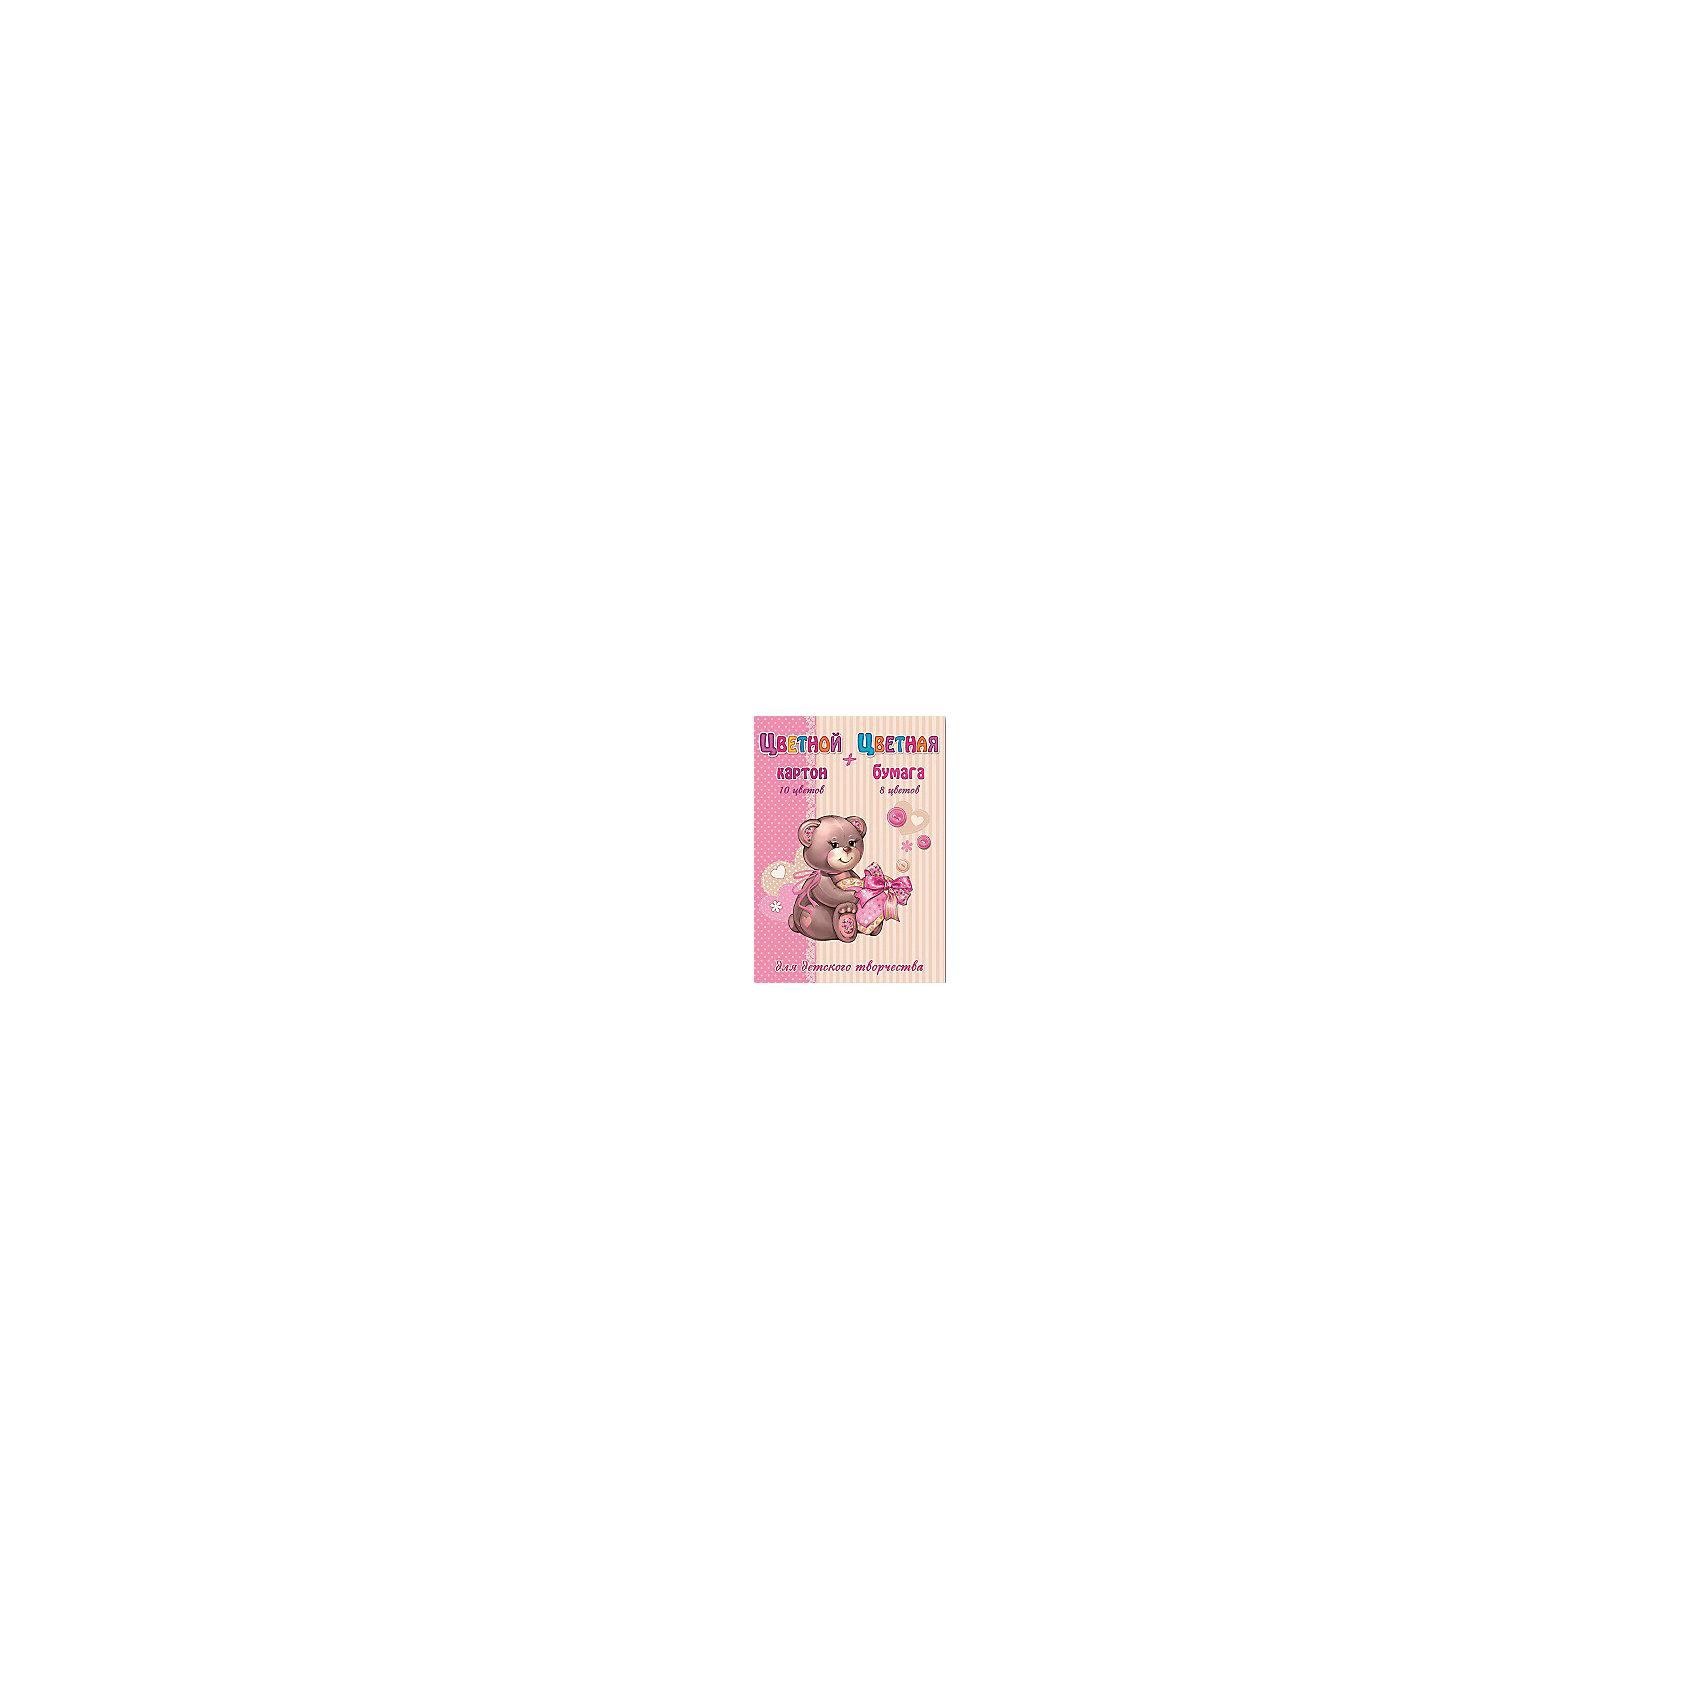 Феникс+ Цветной картон и цветная бумага Мишка и сердце набор для творчества феникс цветной картон 10цв цветная бумага 8цв лисички на склейке